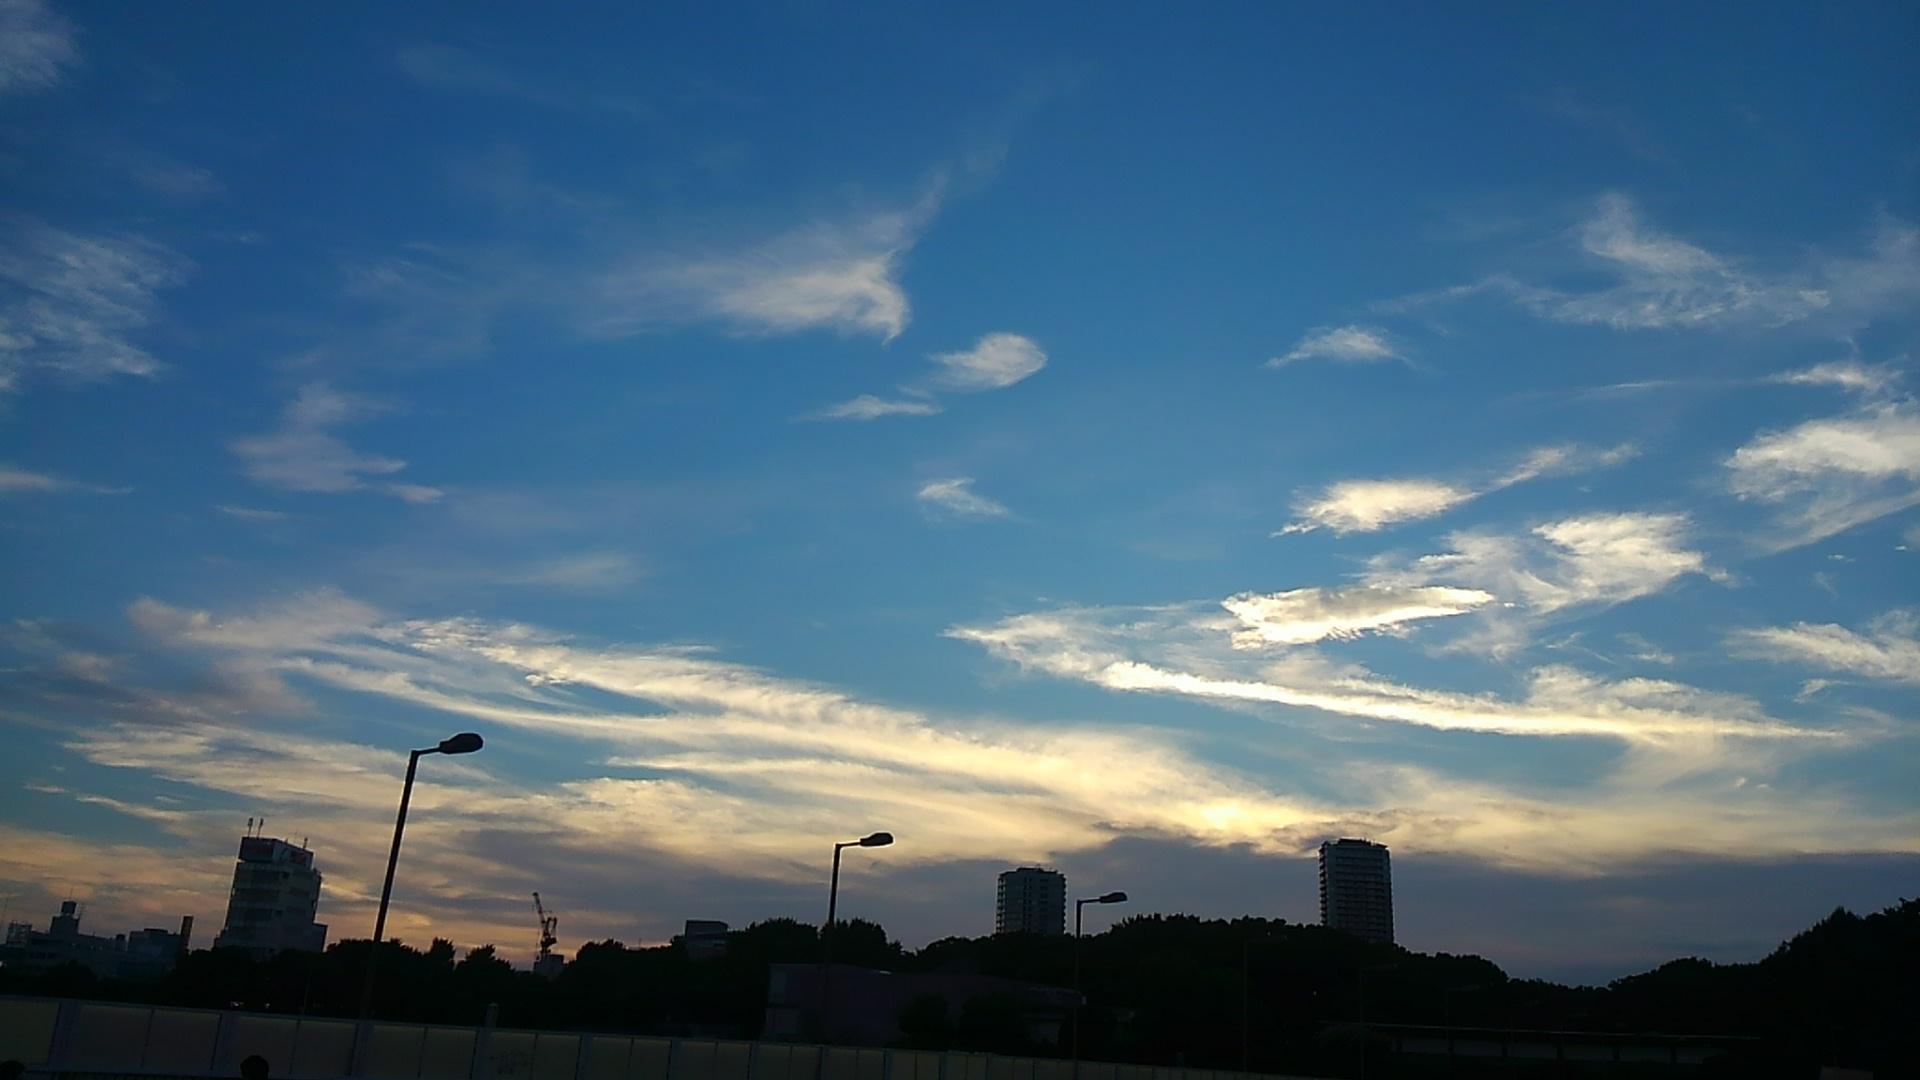 川崎銀座街と東京行灯祭(中野)